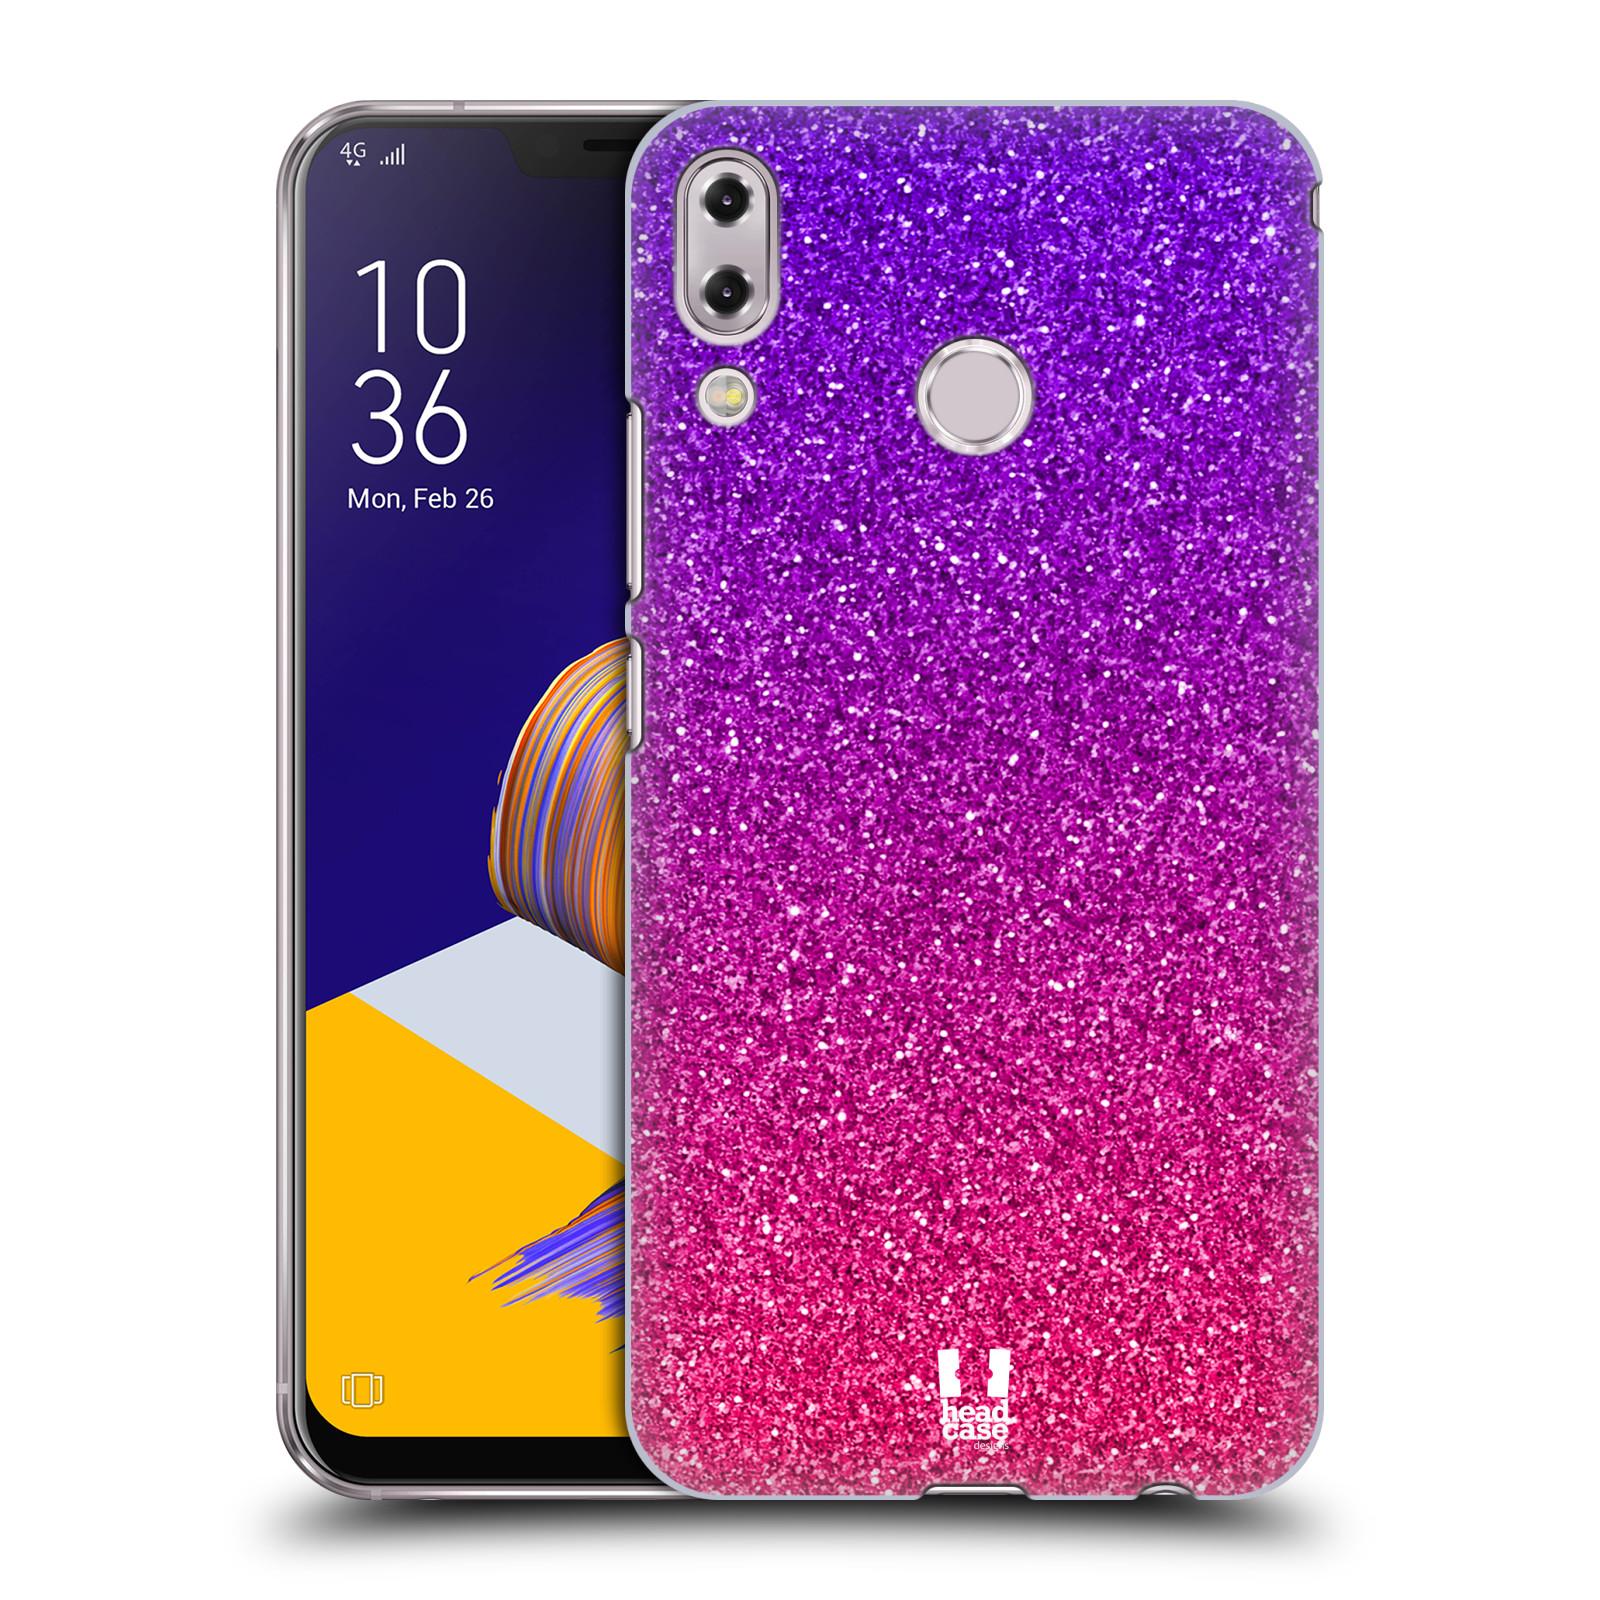 Plastové pouzdro na mobil Asus Zenfone 5z ZS620KL - Head Case - Mix Pink (Plastový kryt či obal na mobilní telefon Asus Zenfone 5z (ZS620KL) s motivem Mix Pink)